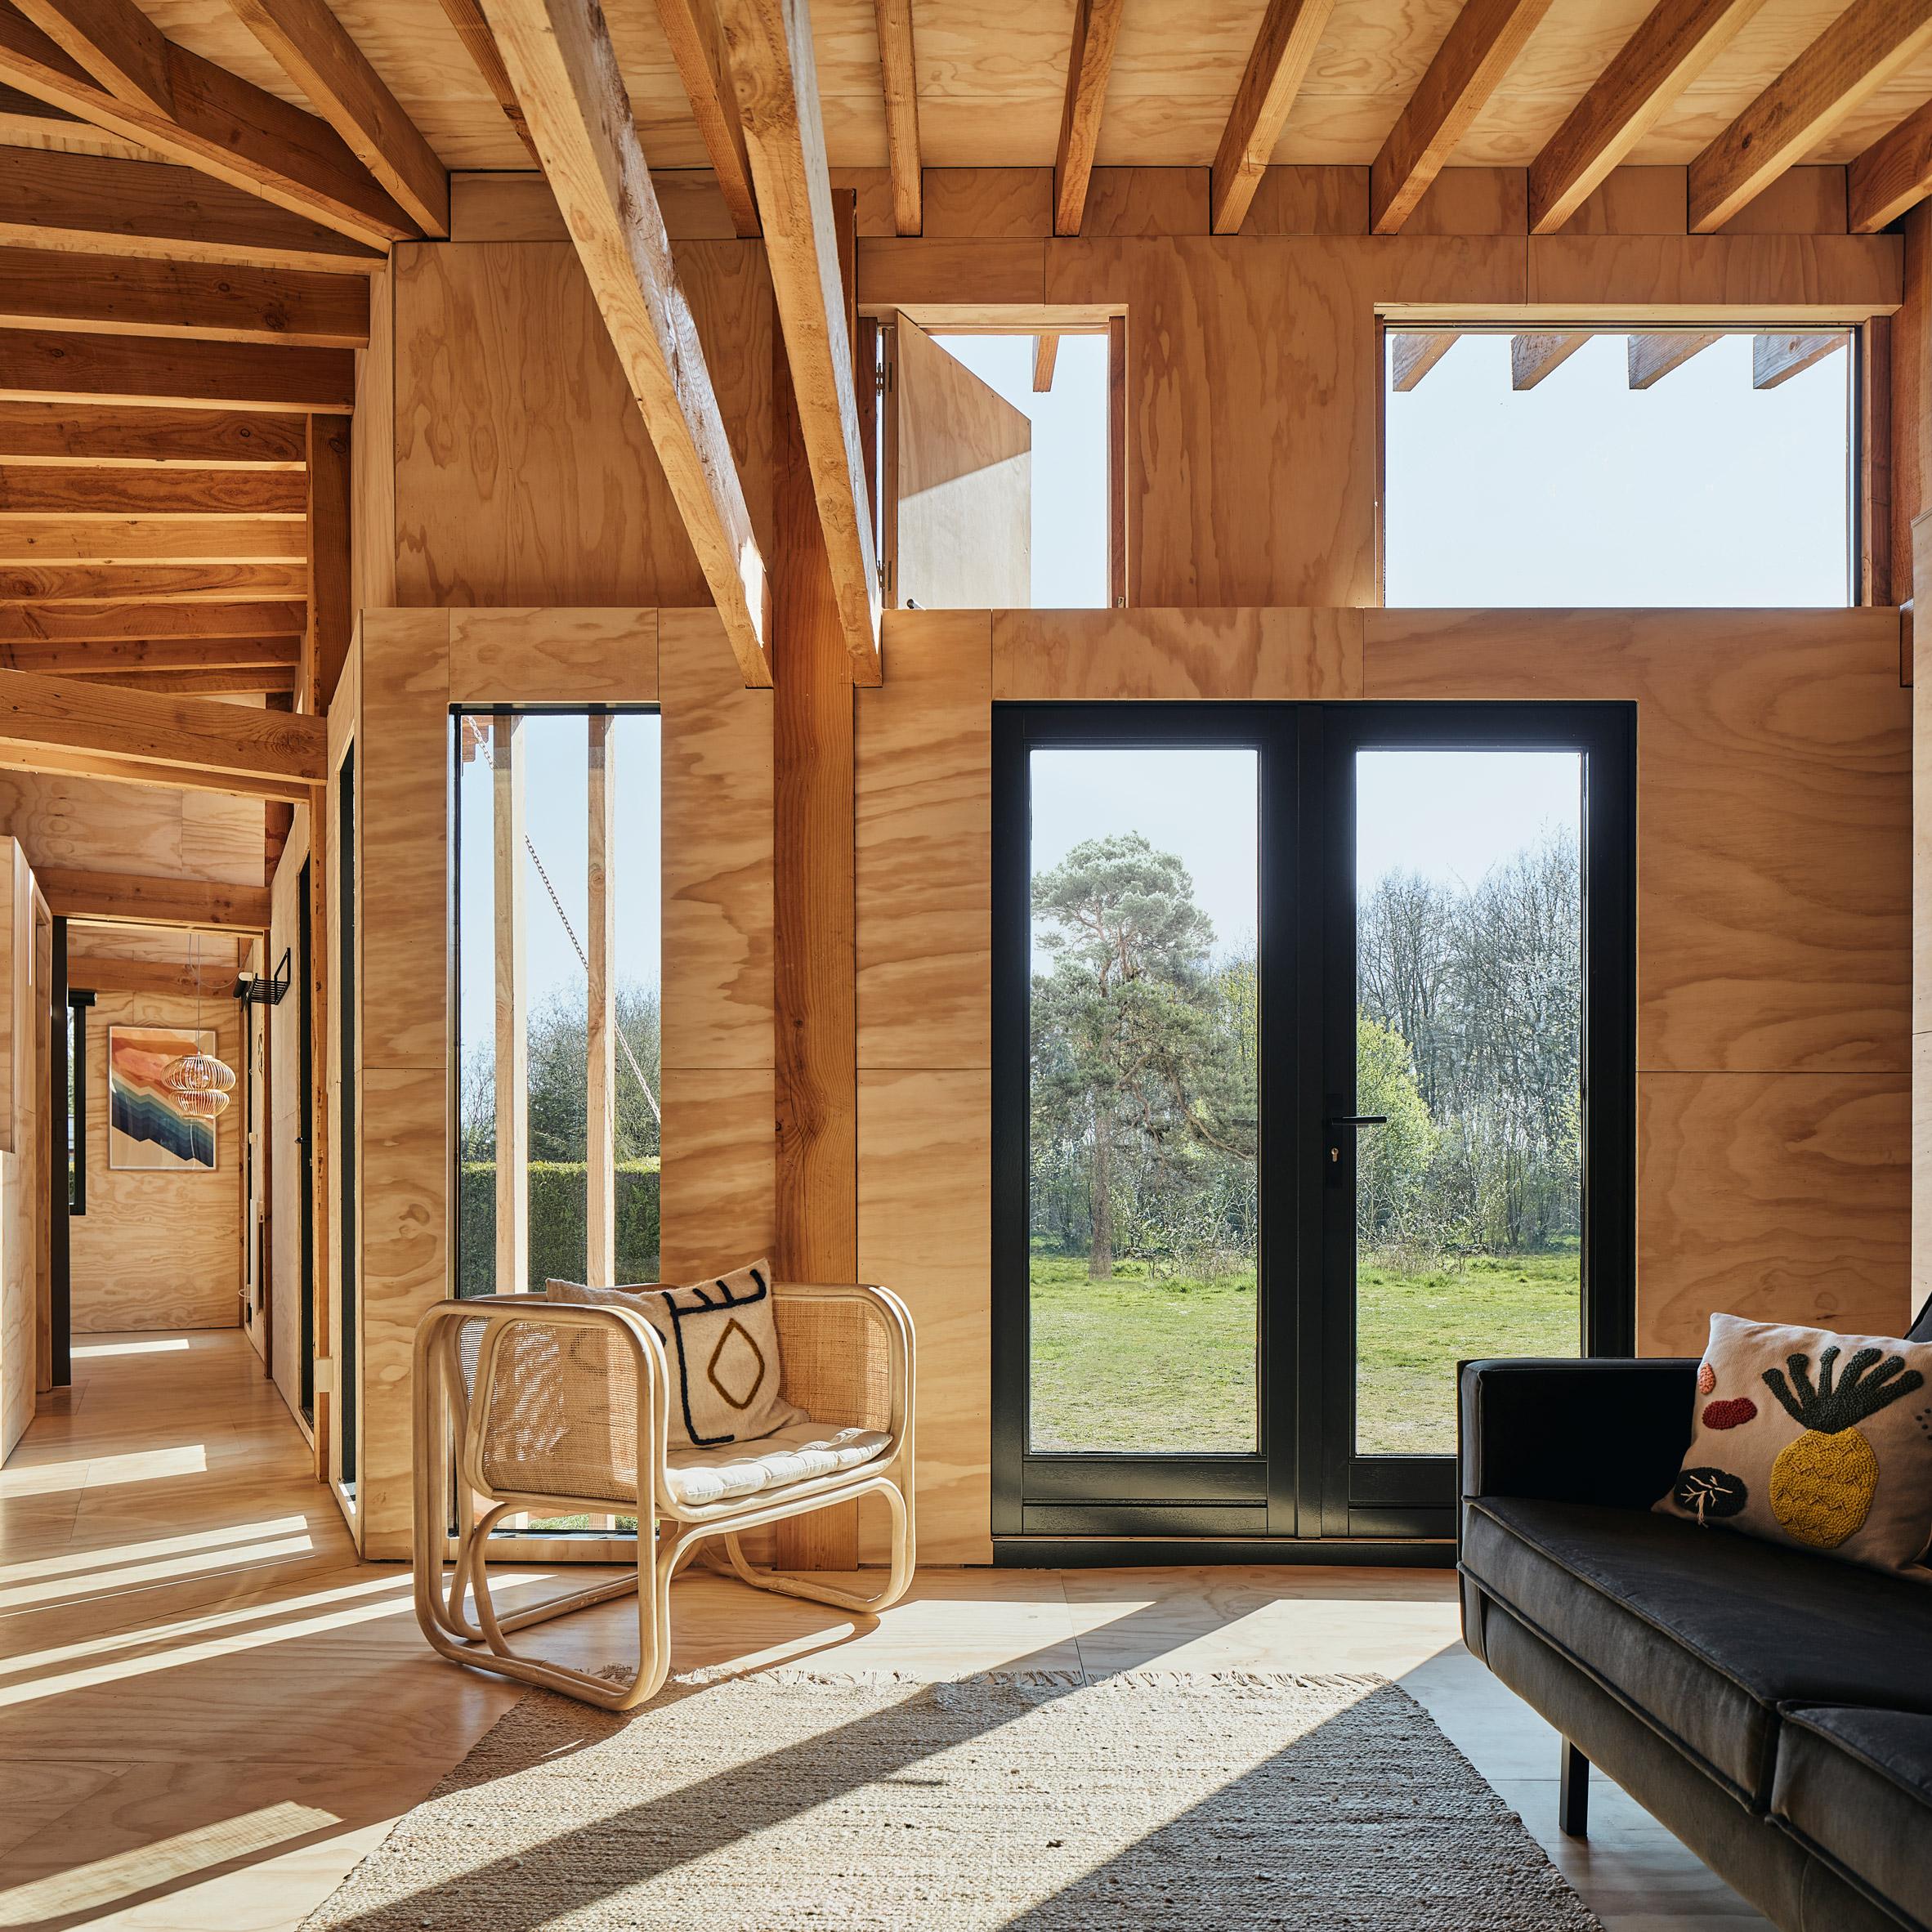 Mẫu nhà gỗ nhỏ đẹp 5